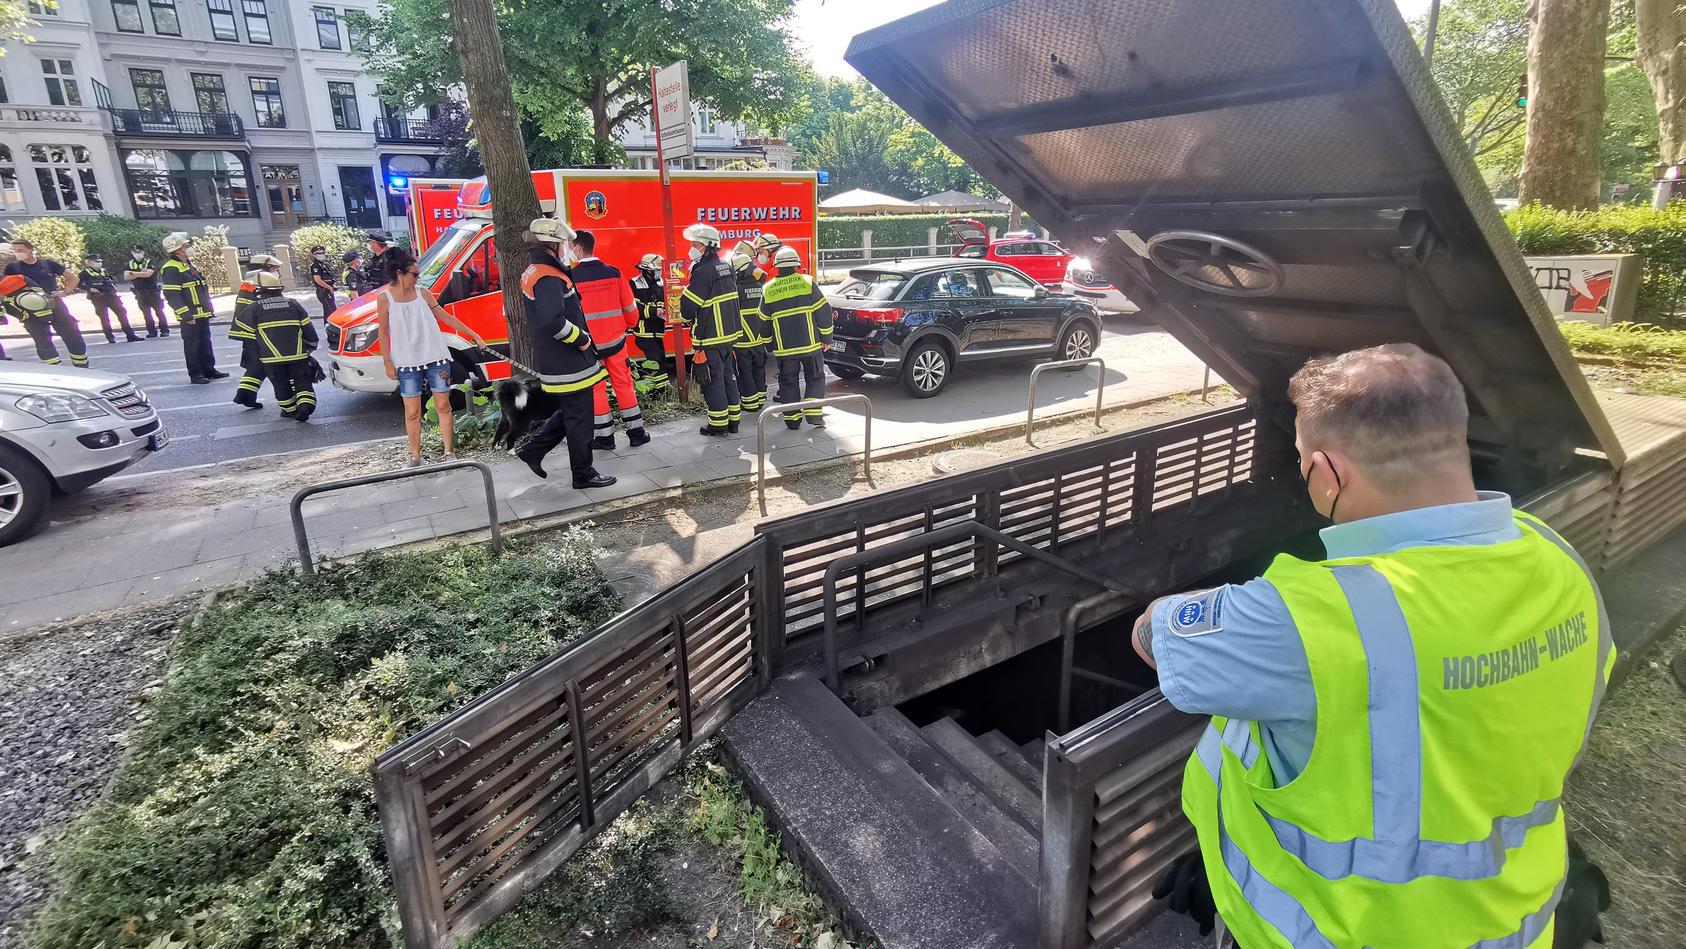 U-Bahn fährt in Tunnel gegen Hindernis